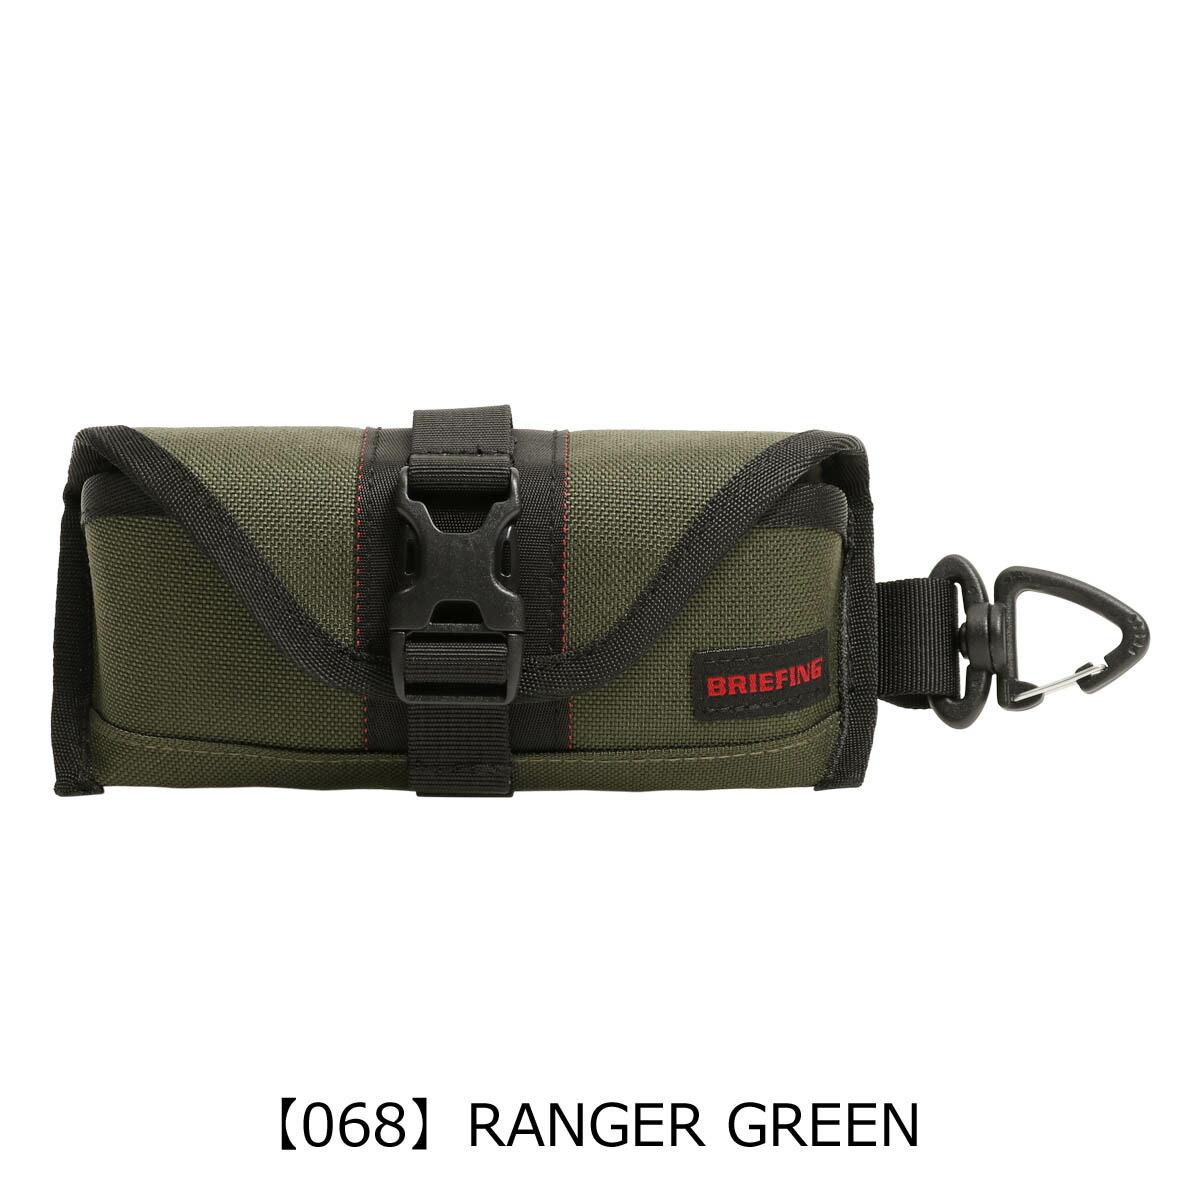 【068】RANGER GREEN